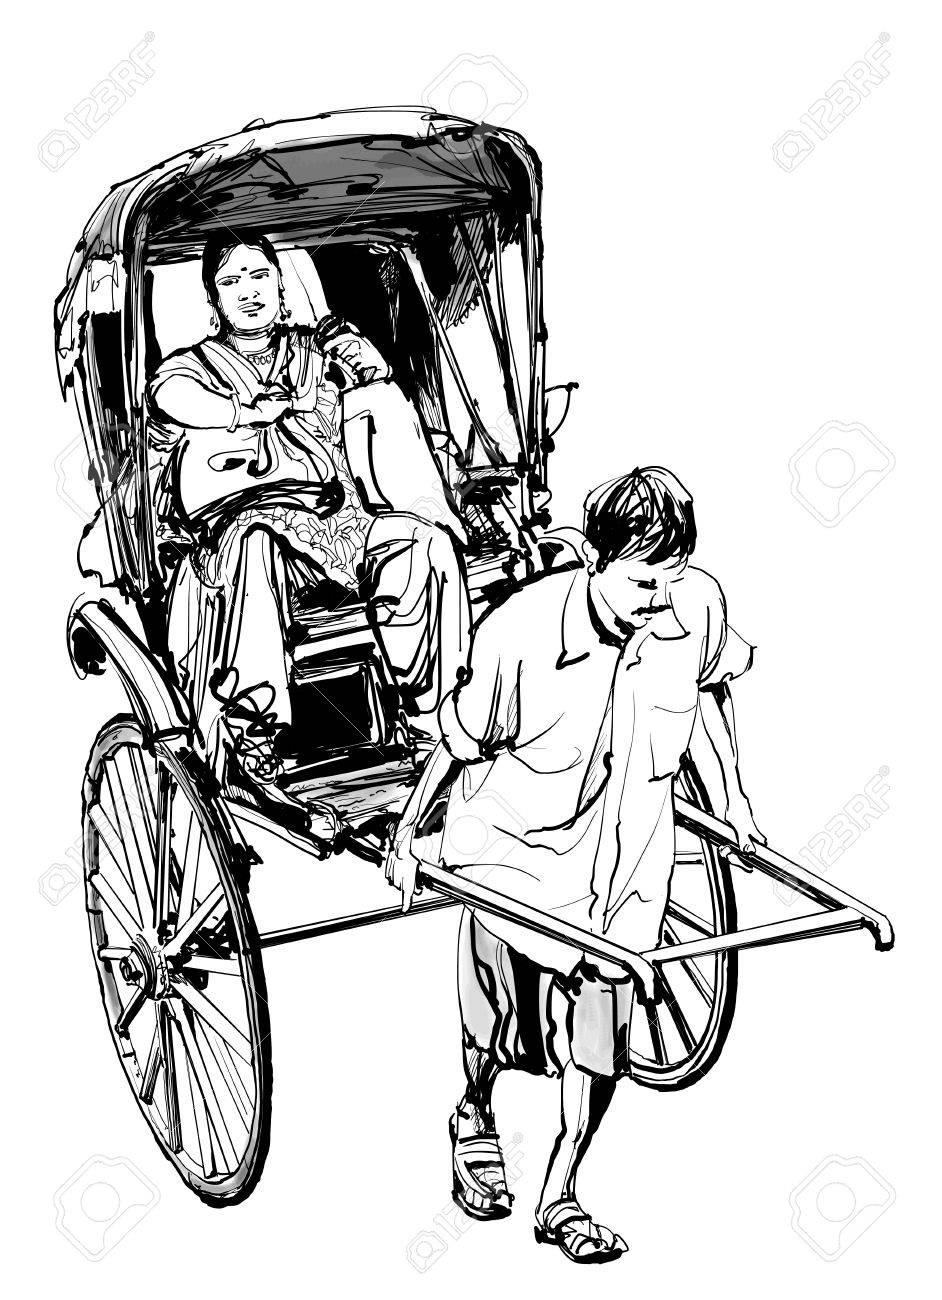 コルカタインド 乗客が人力車を描画 ベクトル イラストのイラスト